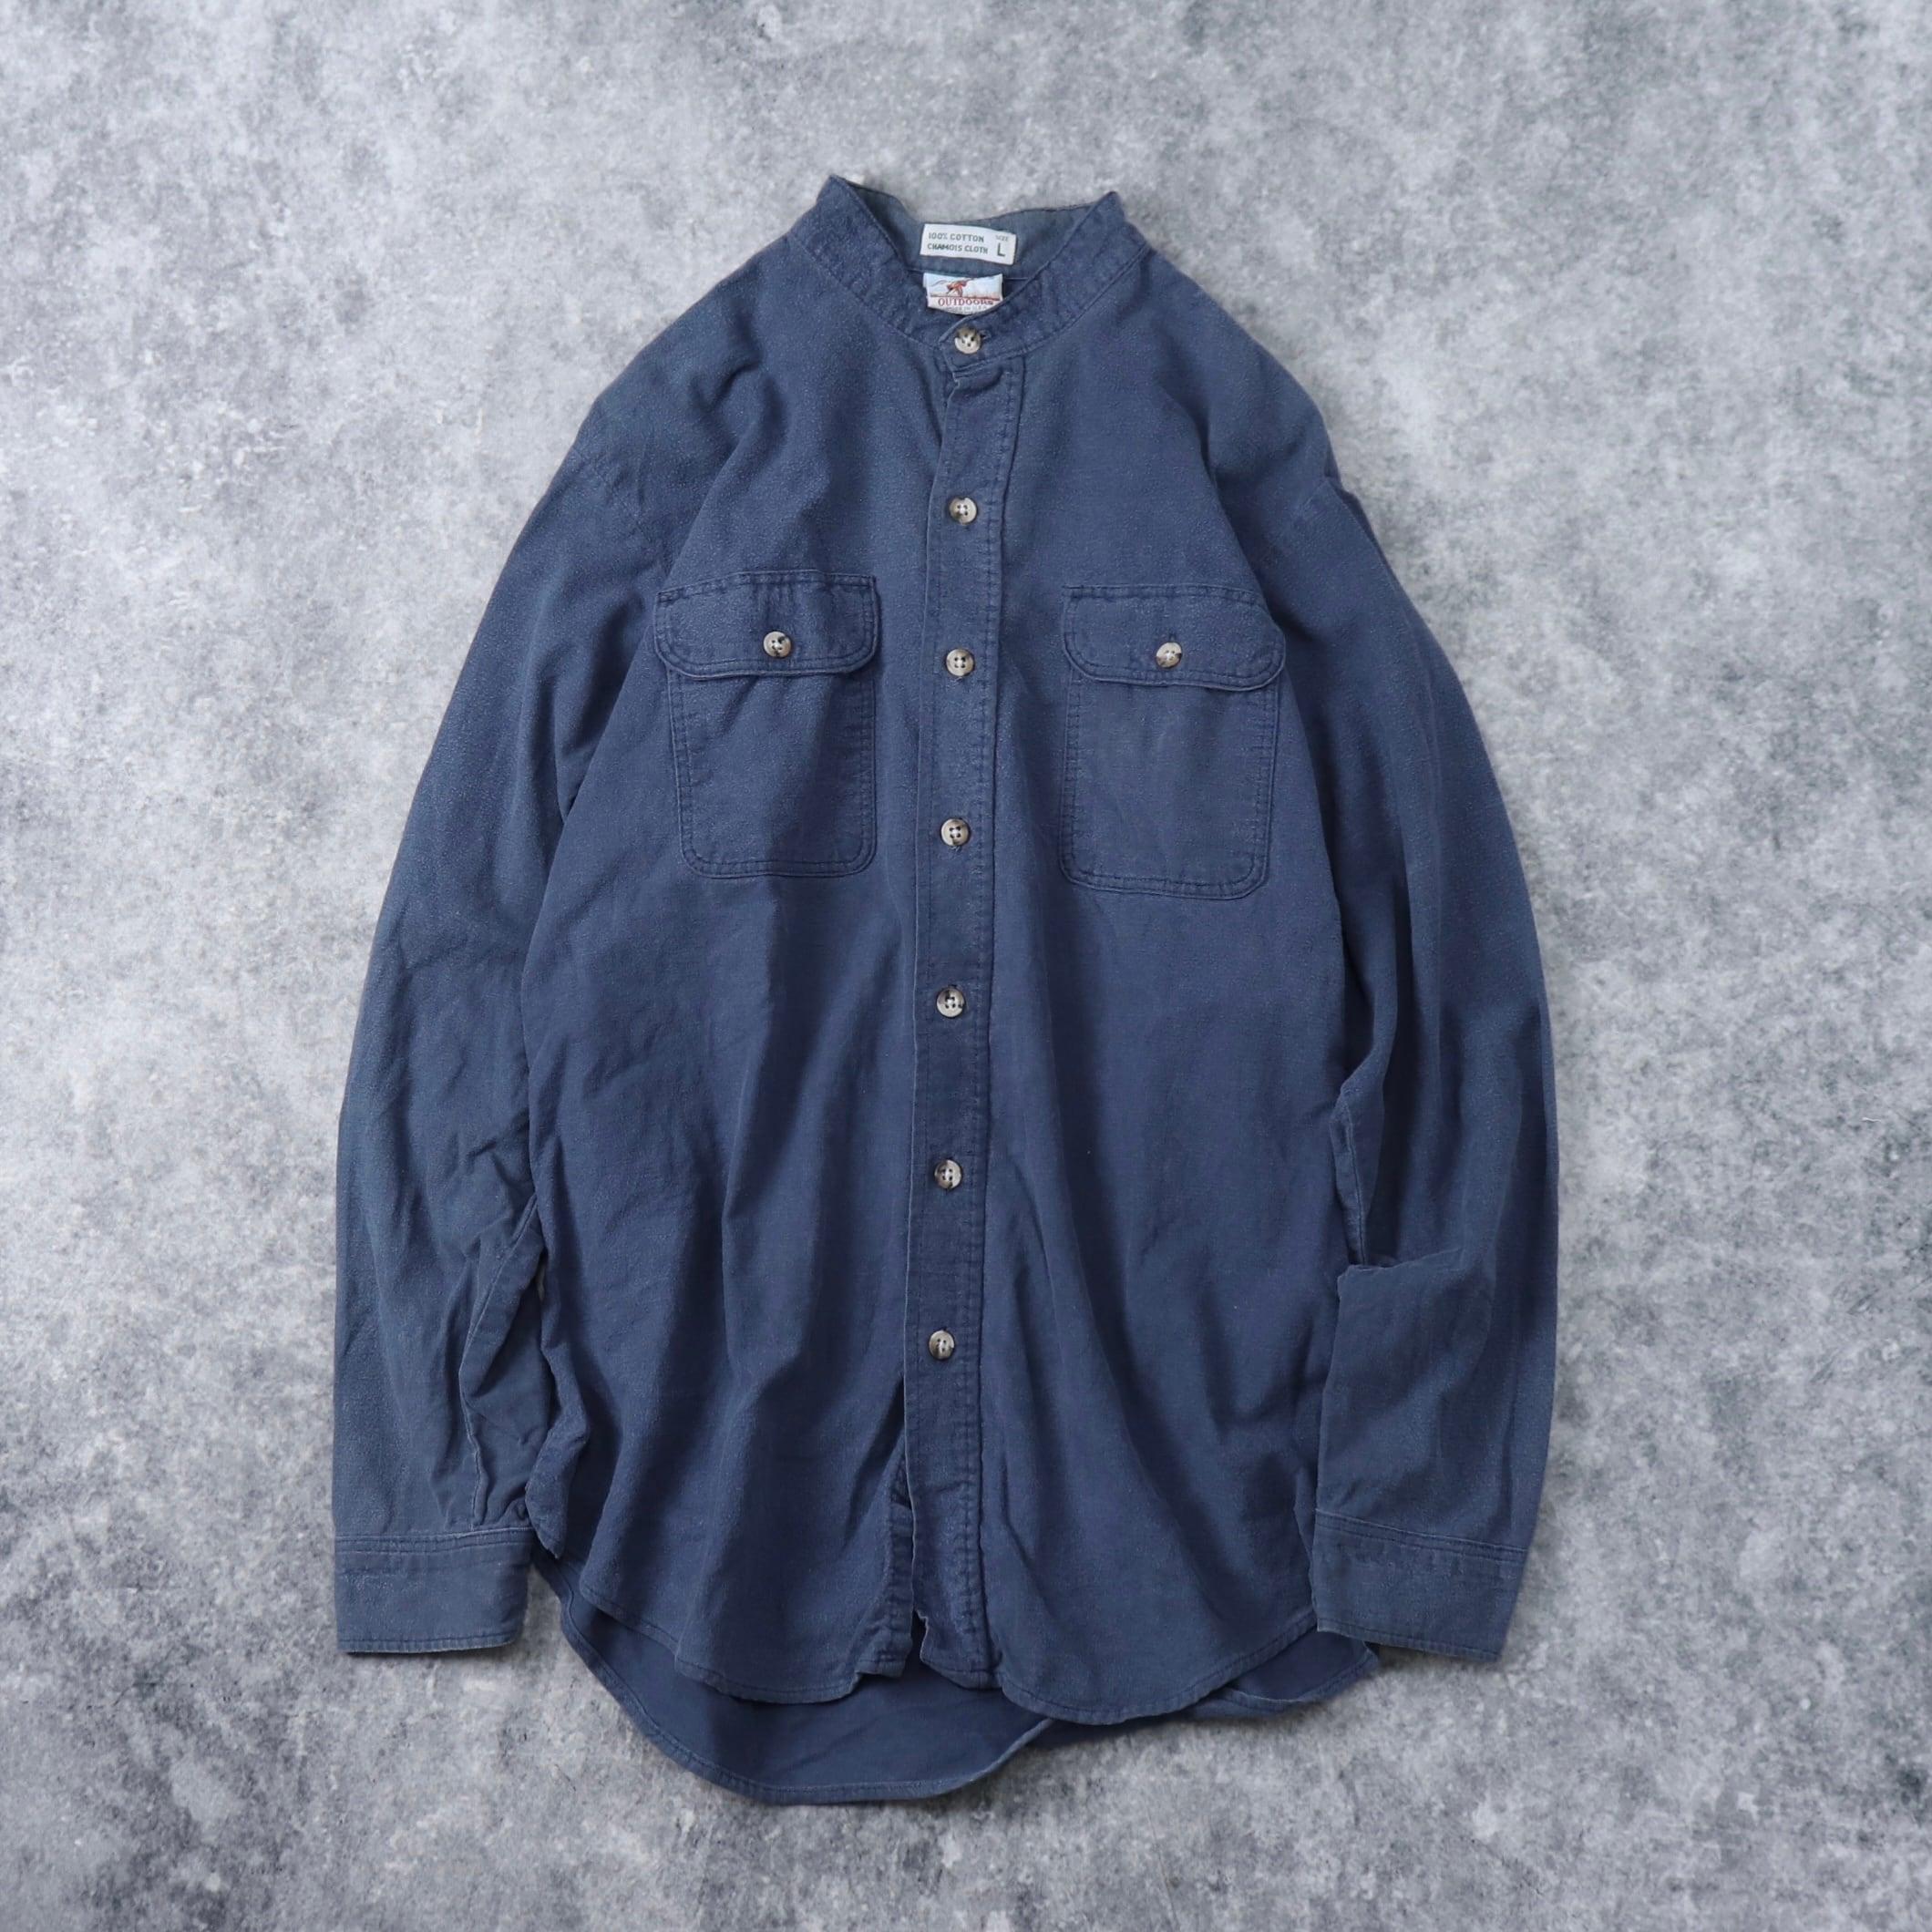 80年代 ''Prentiss OUTDOORS'' USA製 コットンネルシャツ 長袖シャツ バンドカラーシャツ 古着 A278